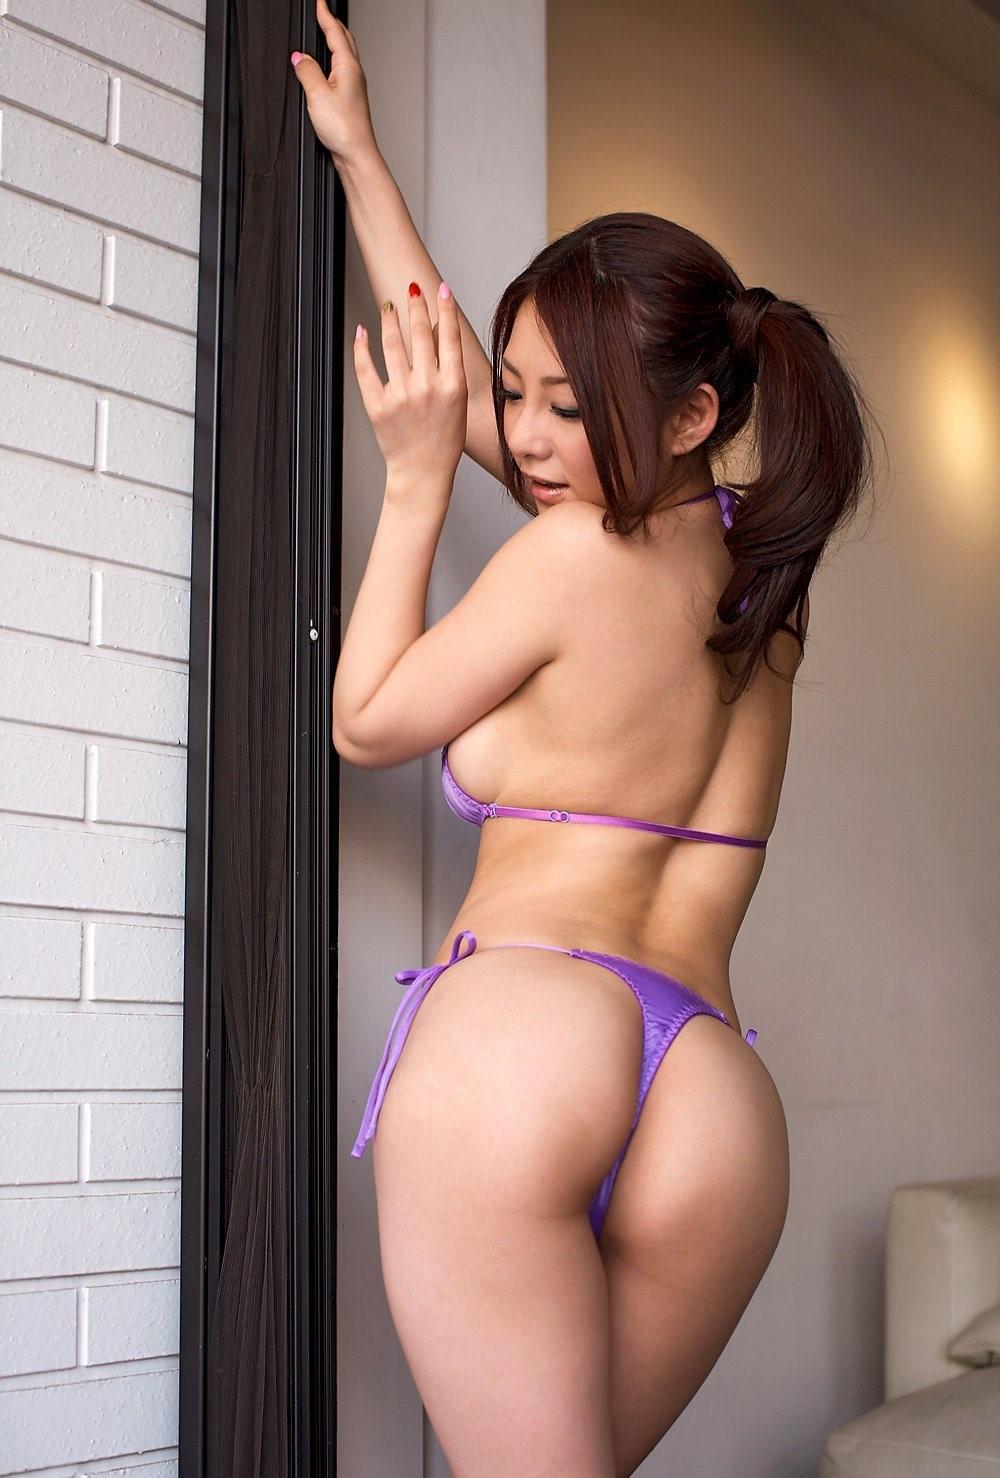 欲求不満なOLお姉さんが着用する紫セクシー下着画像2枚目